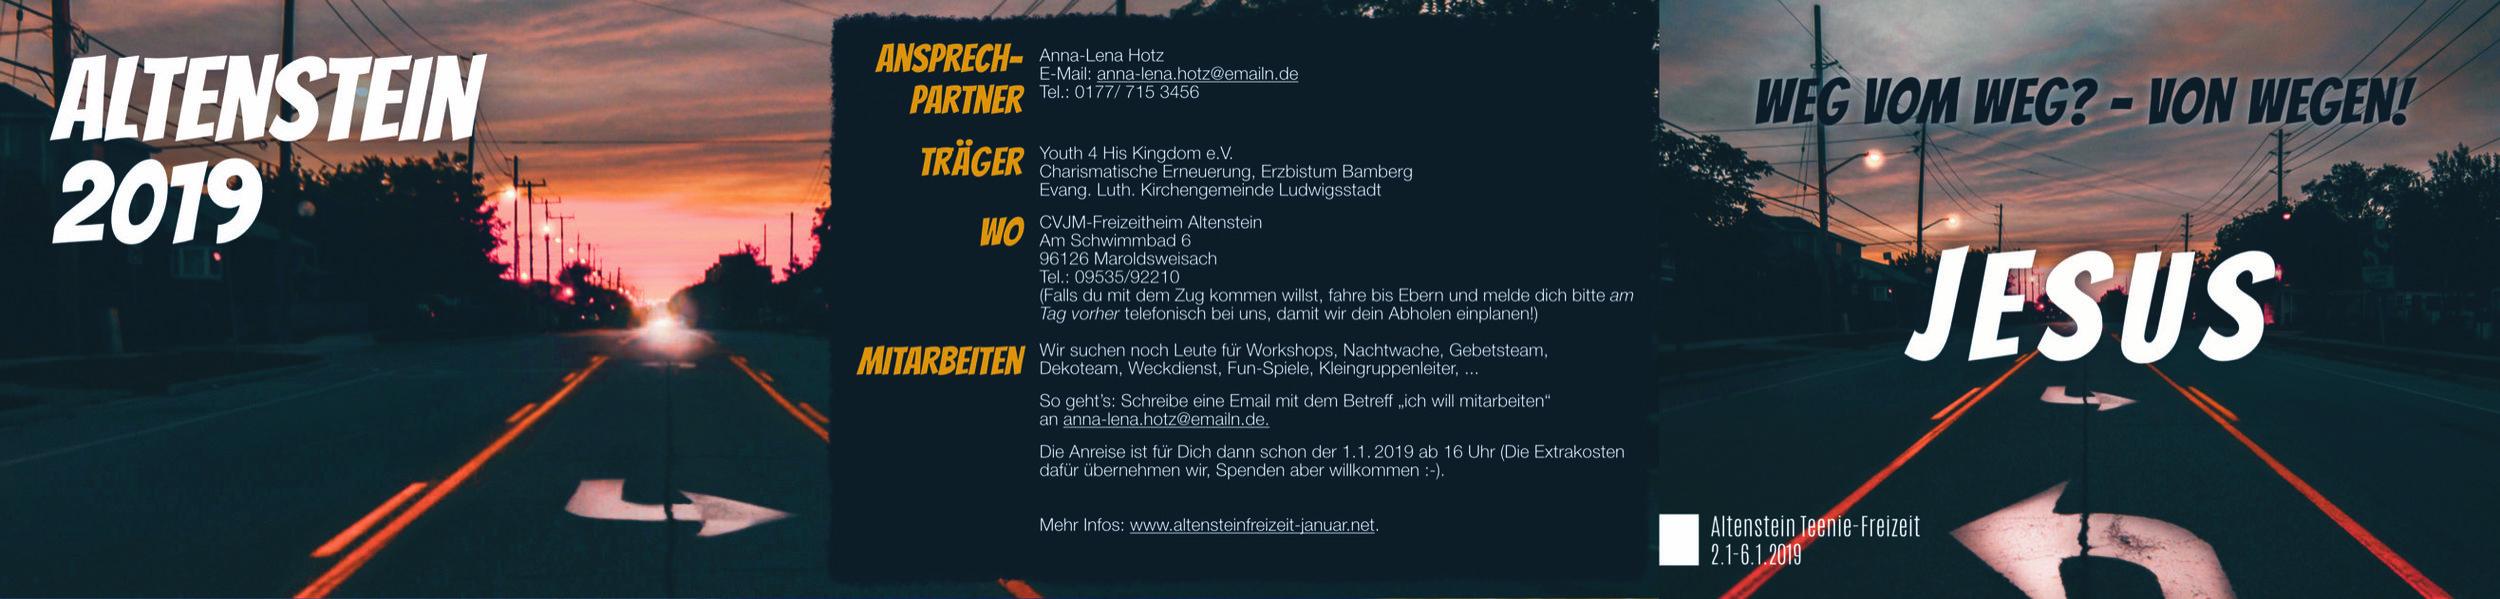 2019_Flyer_Altenstein_Januar_1.jpeg